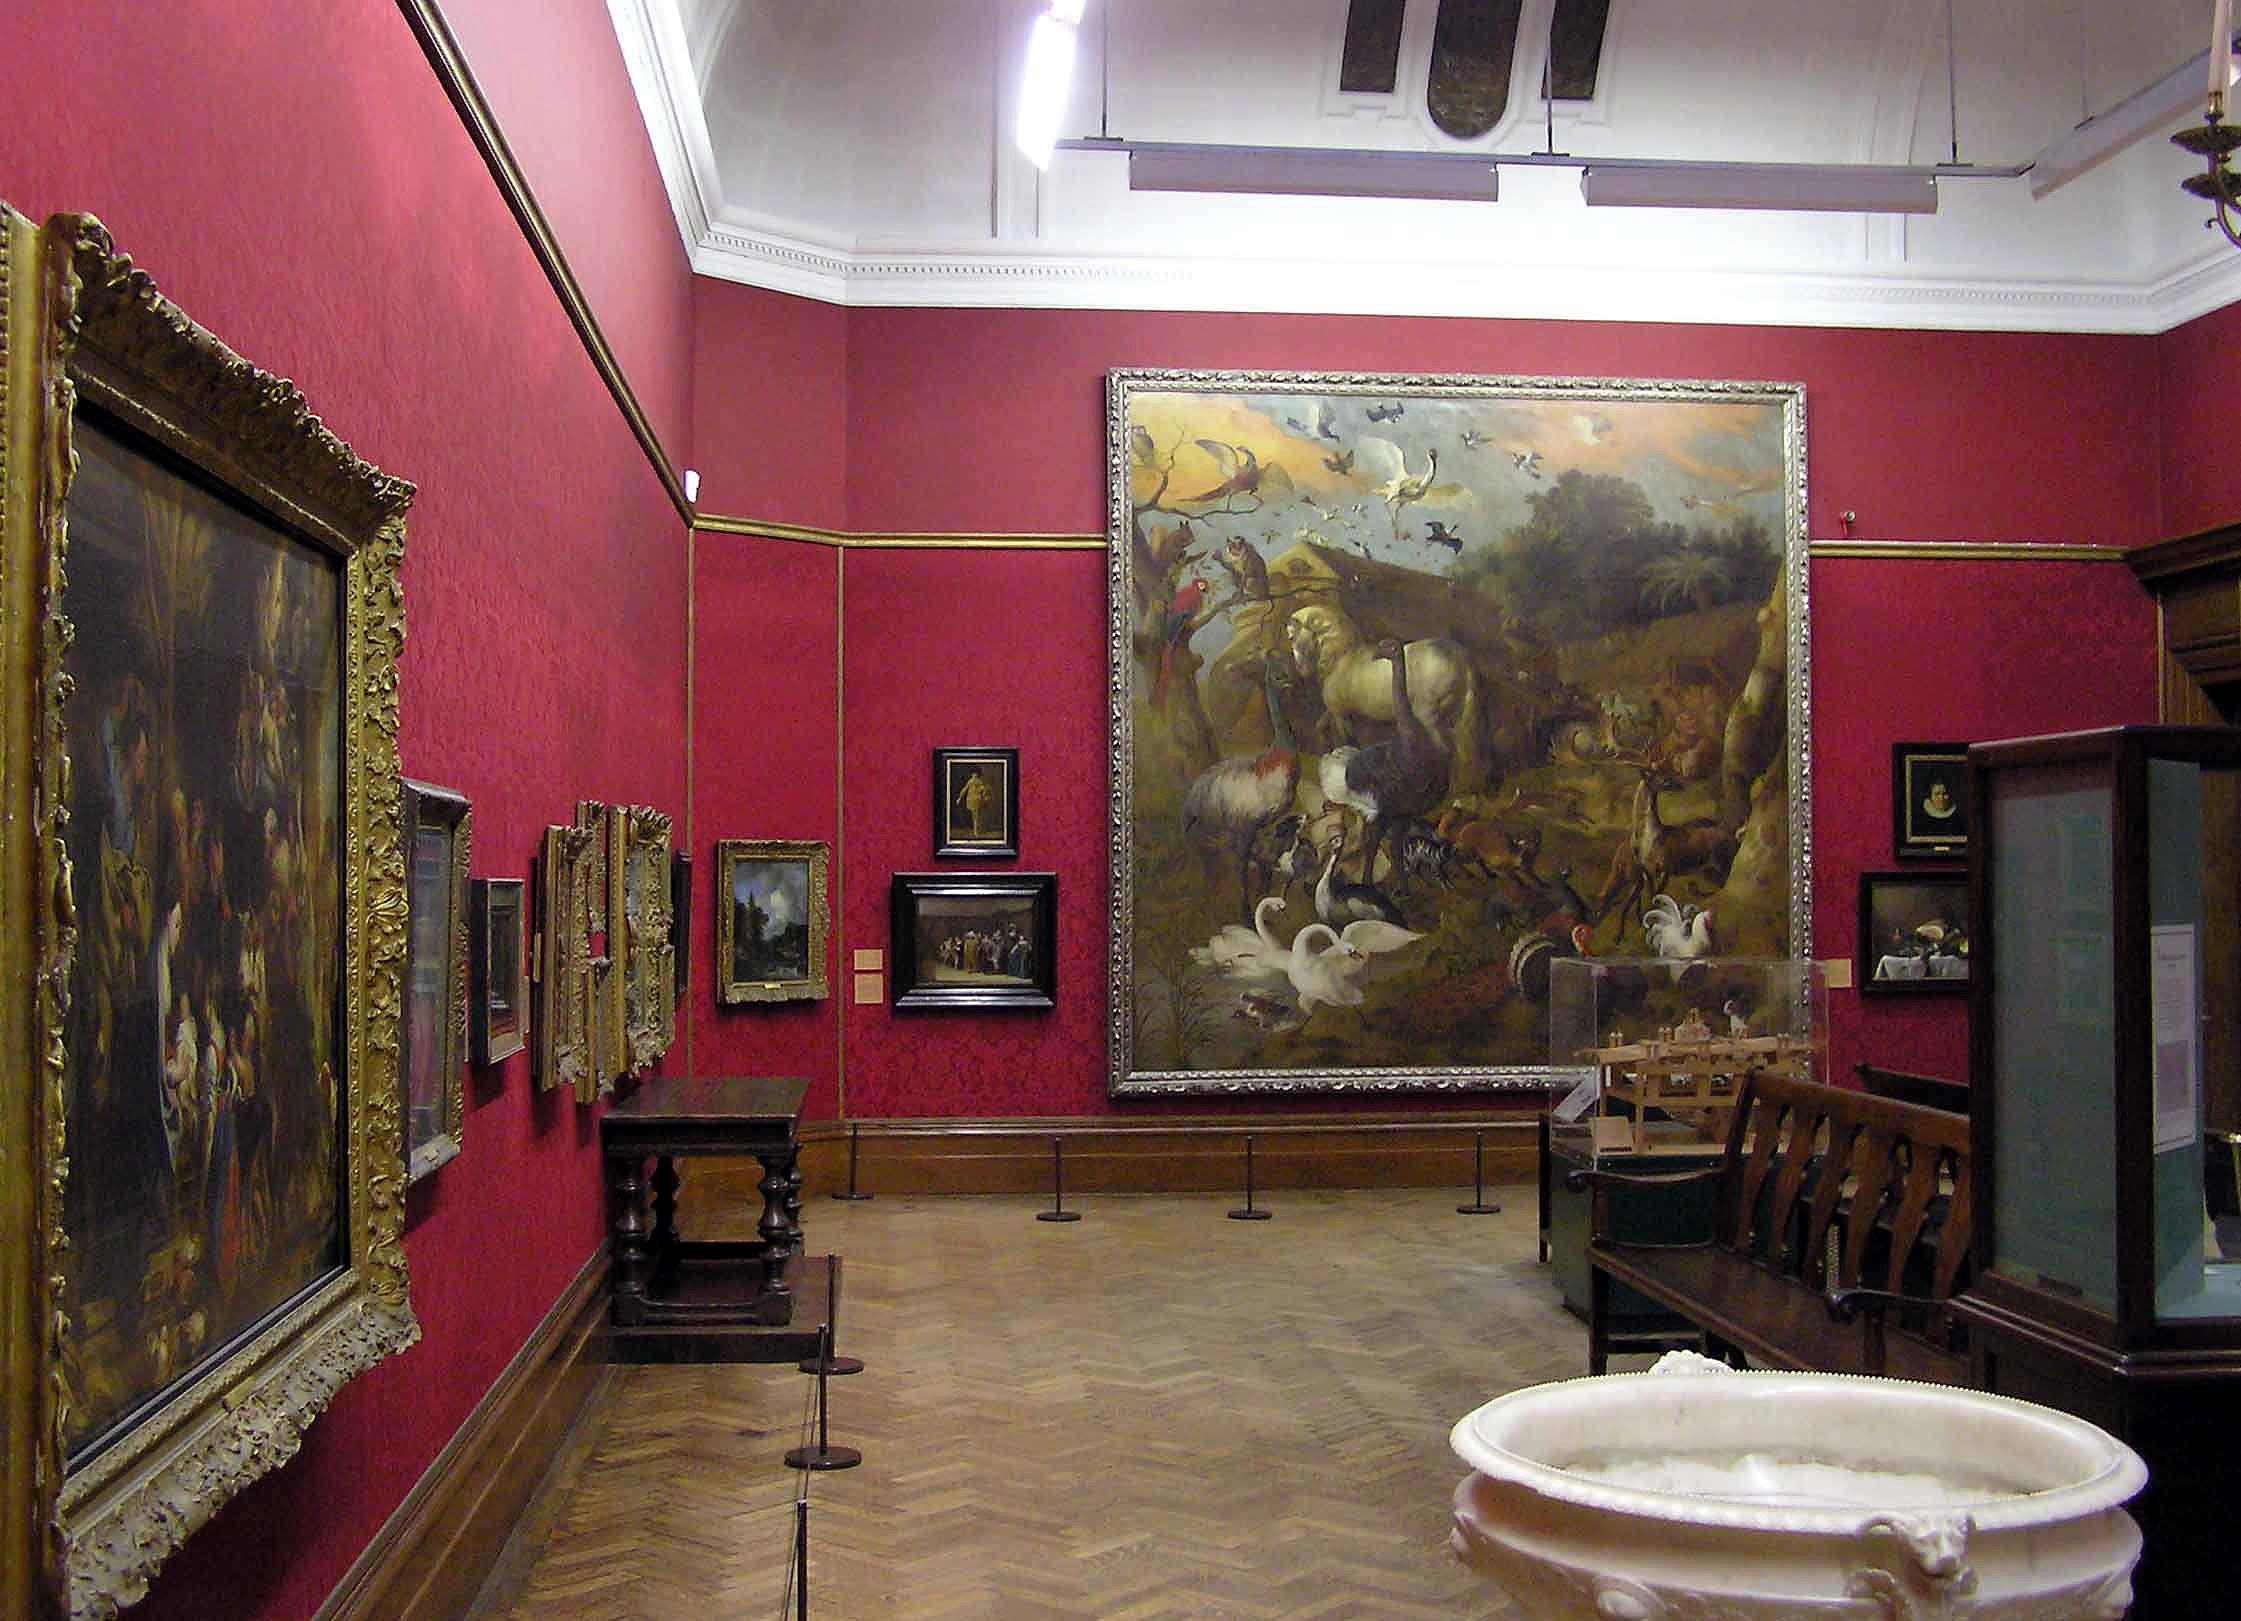 Description Bristol art gallery interior arp jpgArt Gallery